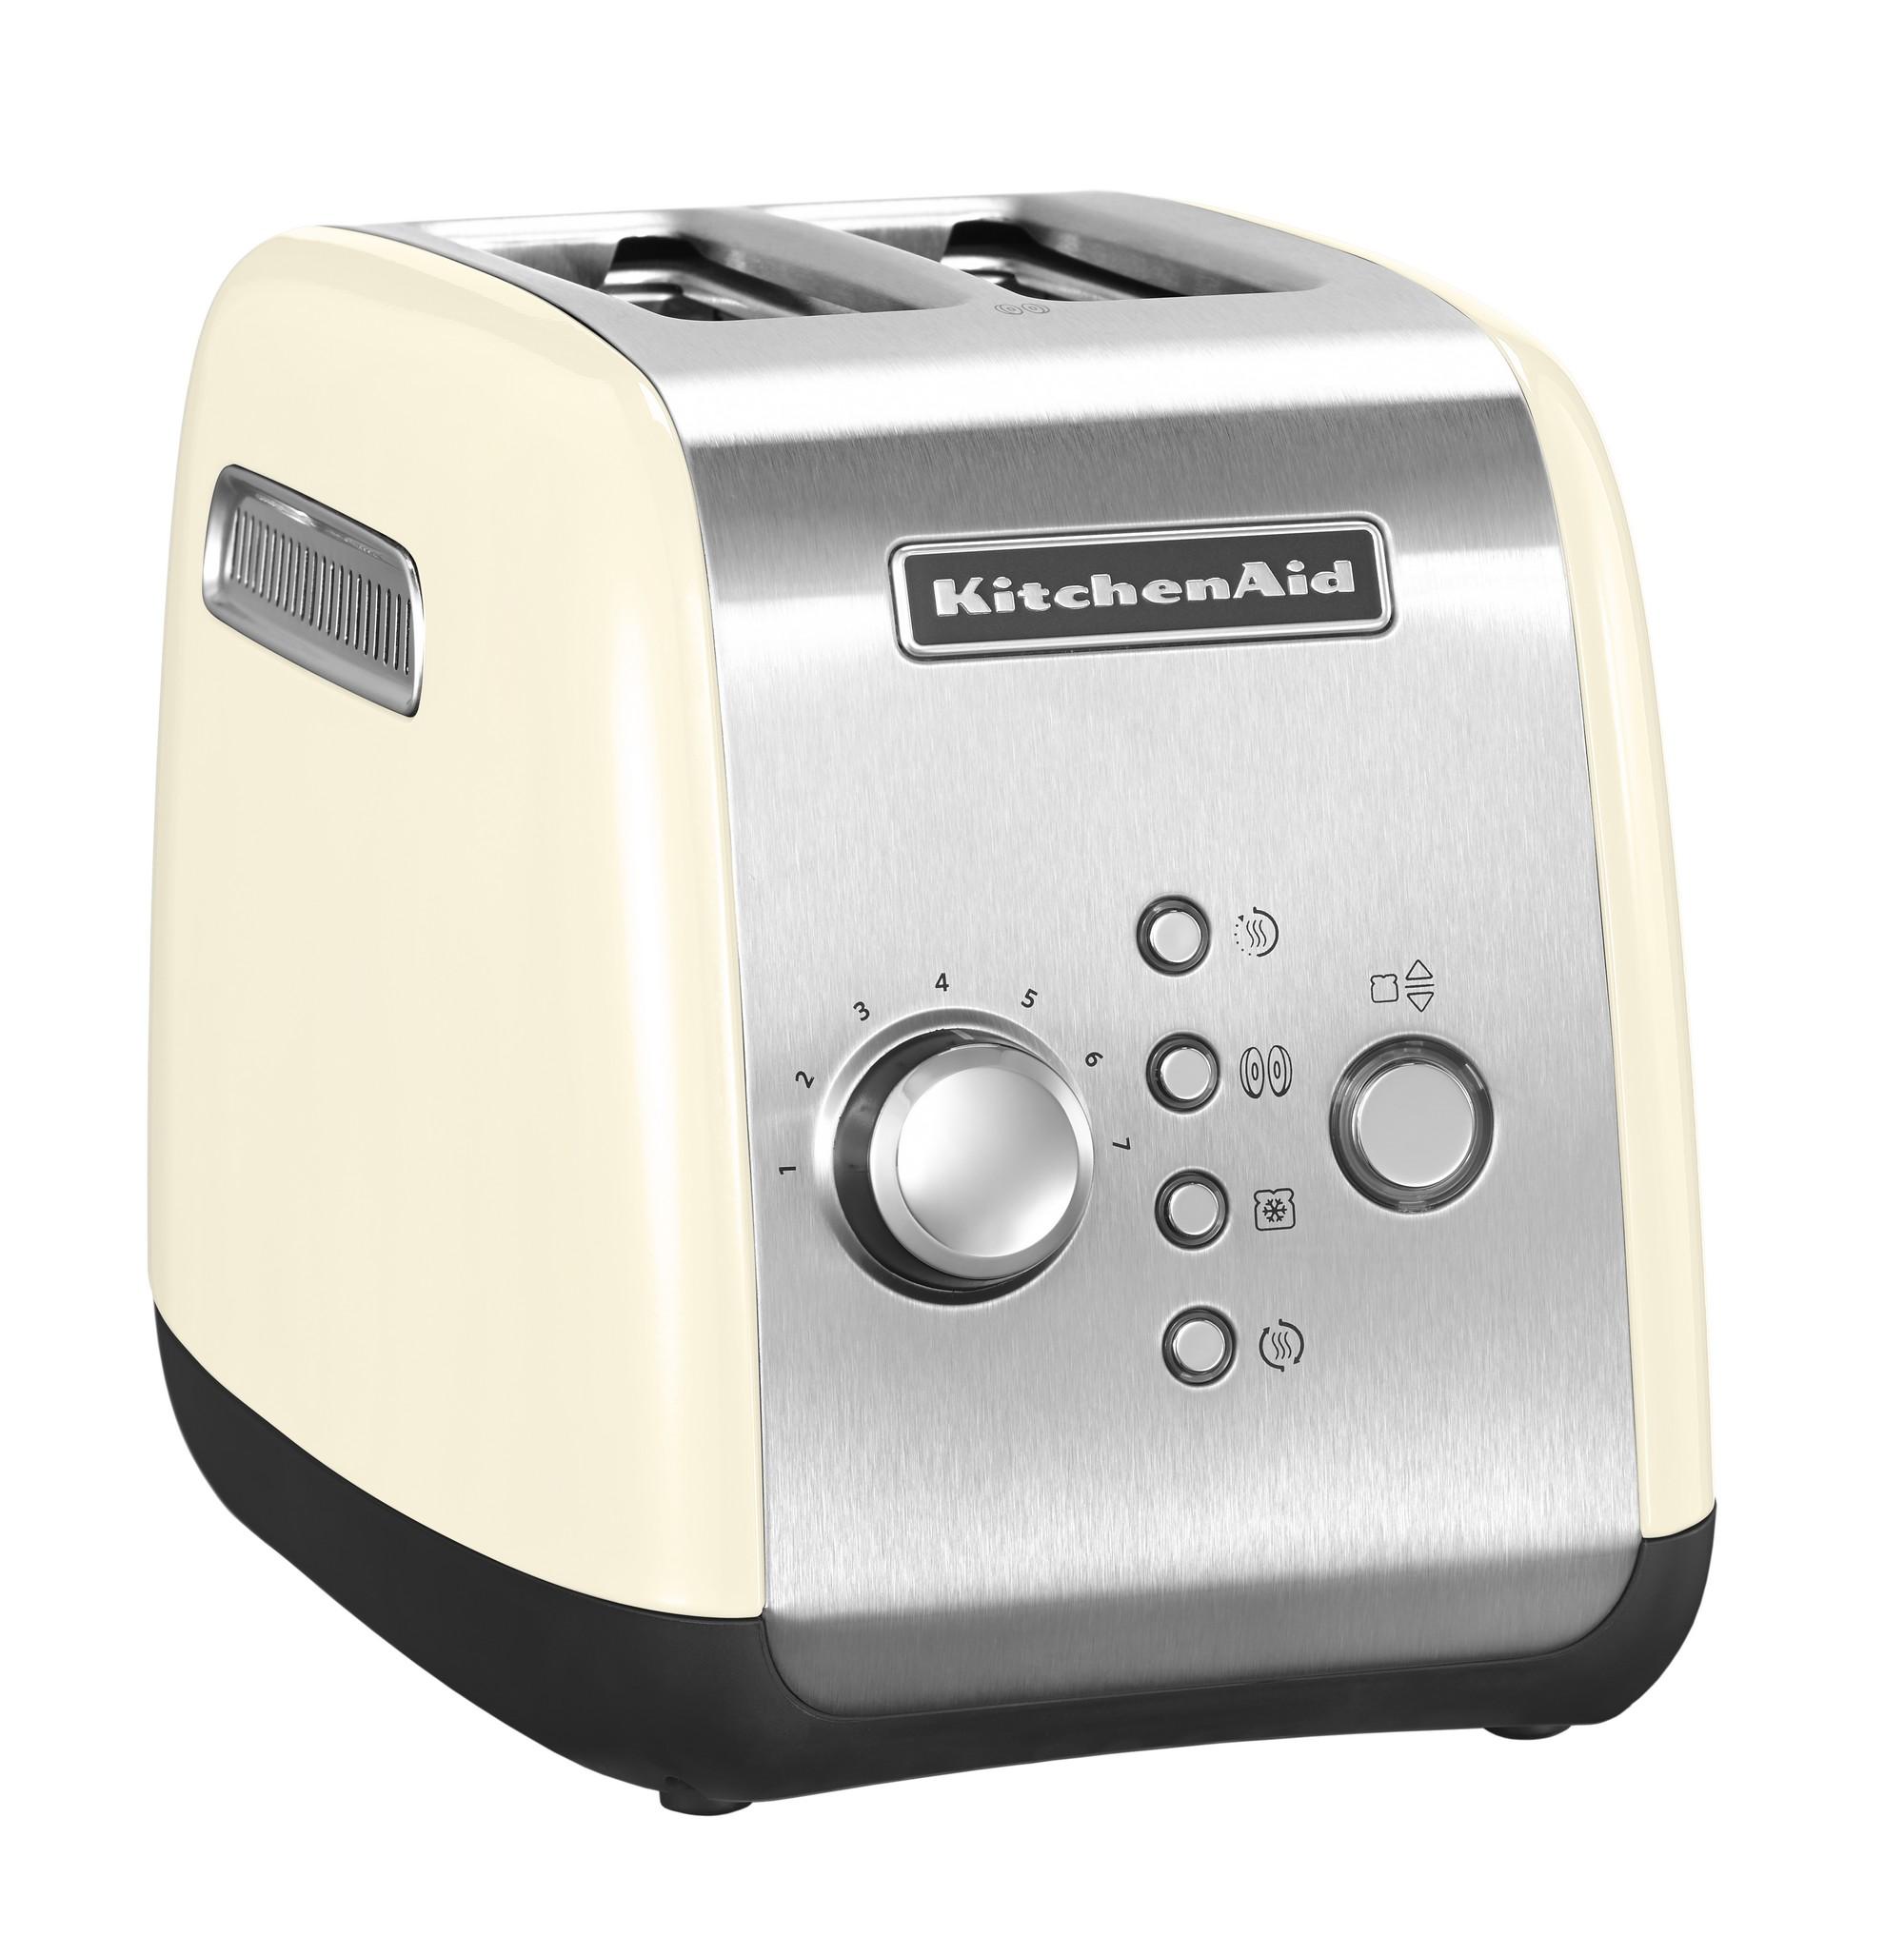 Тостер на 2 хлебца, кремовый, 5KMT221, KitchenAidТостеры KitchenAid<br>&#13;<br>&#13;<br>Тип: на 2 хлебца;&#13;<br>Материал корпуса: сталь;&#13;<br>Хромированная ручка регулирования температуры;&#13;<br>Широкие отверстия для тостов;&#13;<br>Шкала с 7 степенями поджаривания;&#13;<br>Кнопка «Приготовление»/«Отмена»: позволяет опустить/поднять тосты вручную;&#13;<br>Функция для приготовления булочек и бейглов: поджаривает изнутри, подогревает снаружи;&#13;<br>Функция размораживания;&#13;<br>Режим подогрева в течение 3 мин.&#13;<br><br>